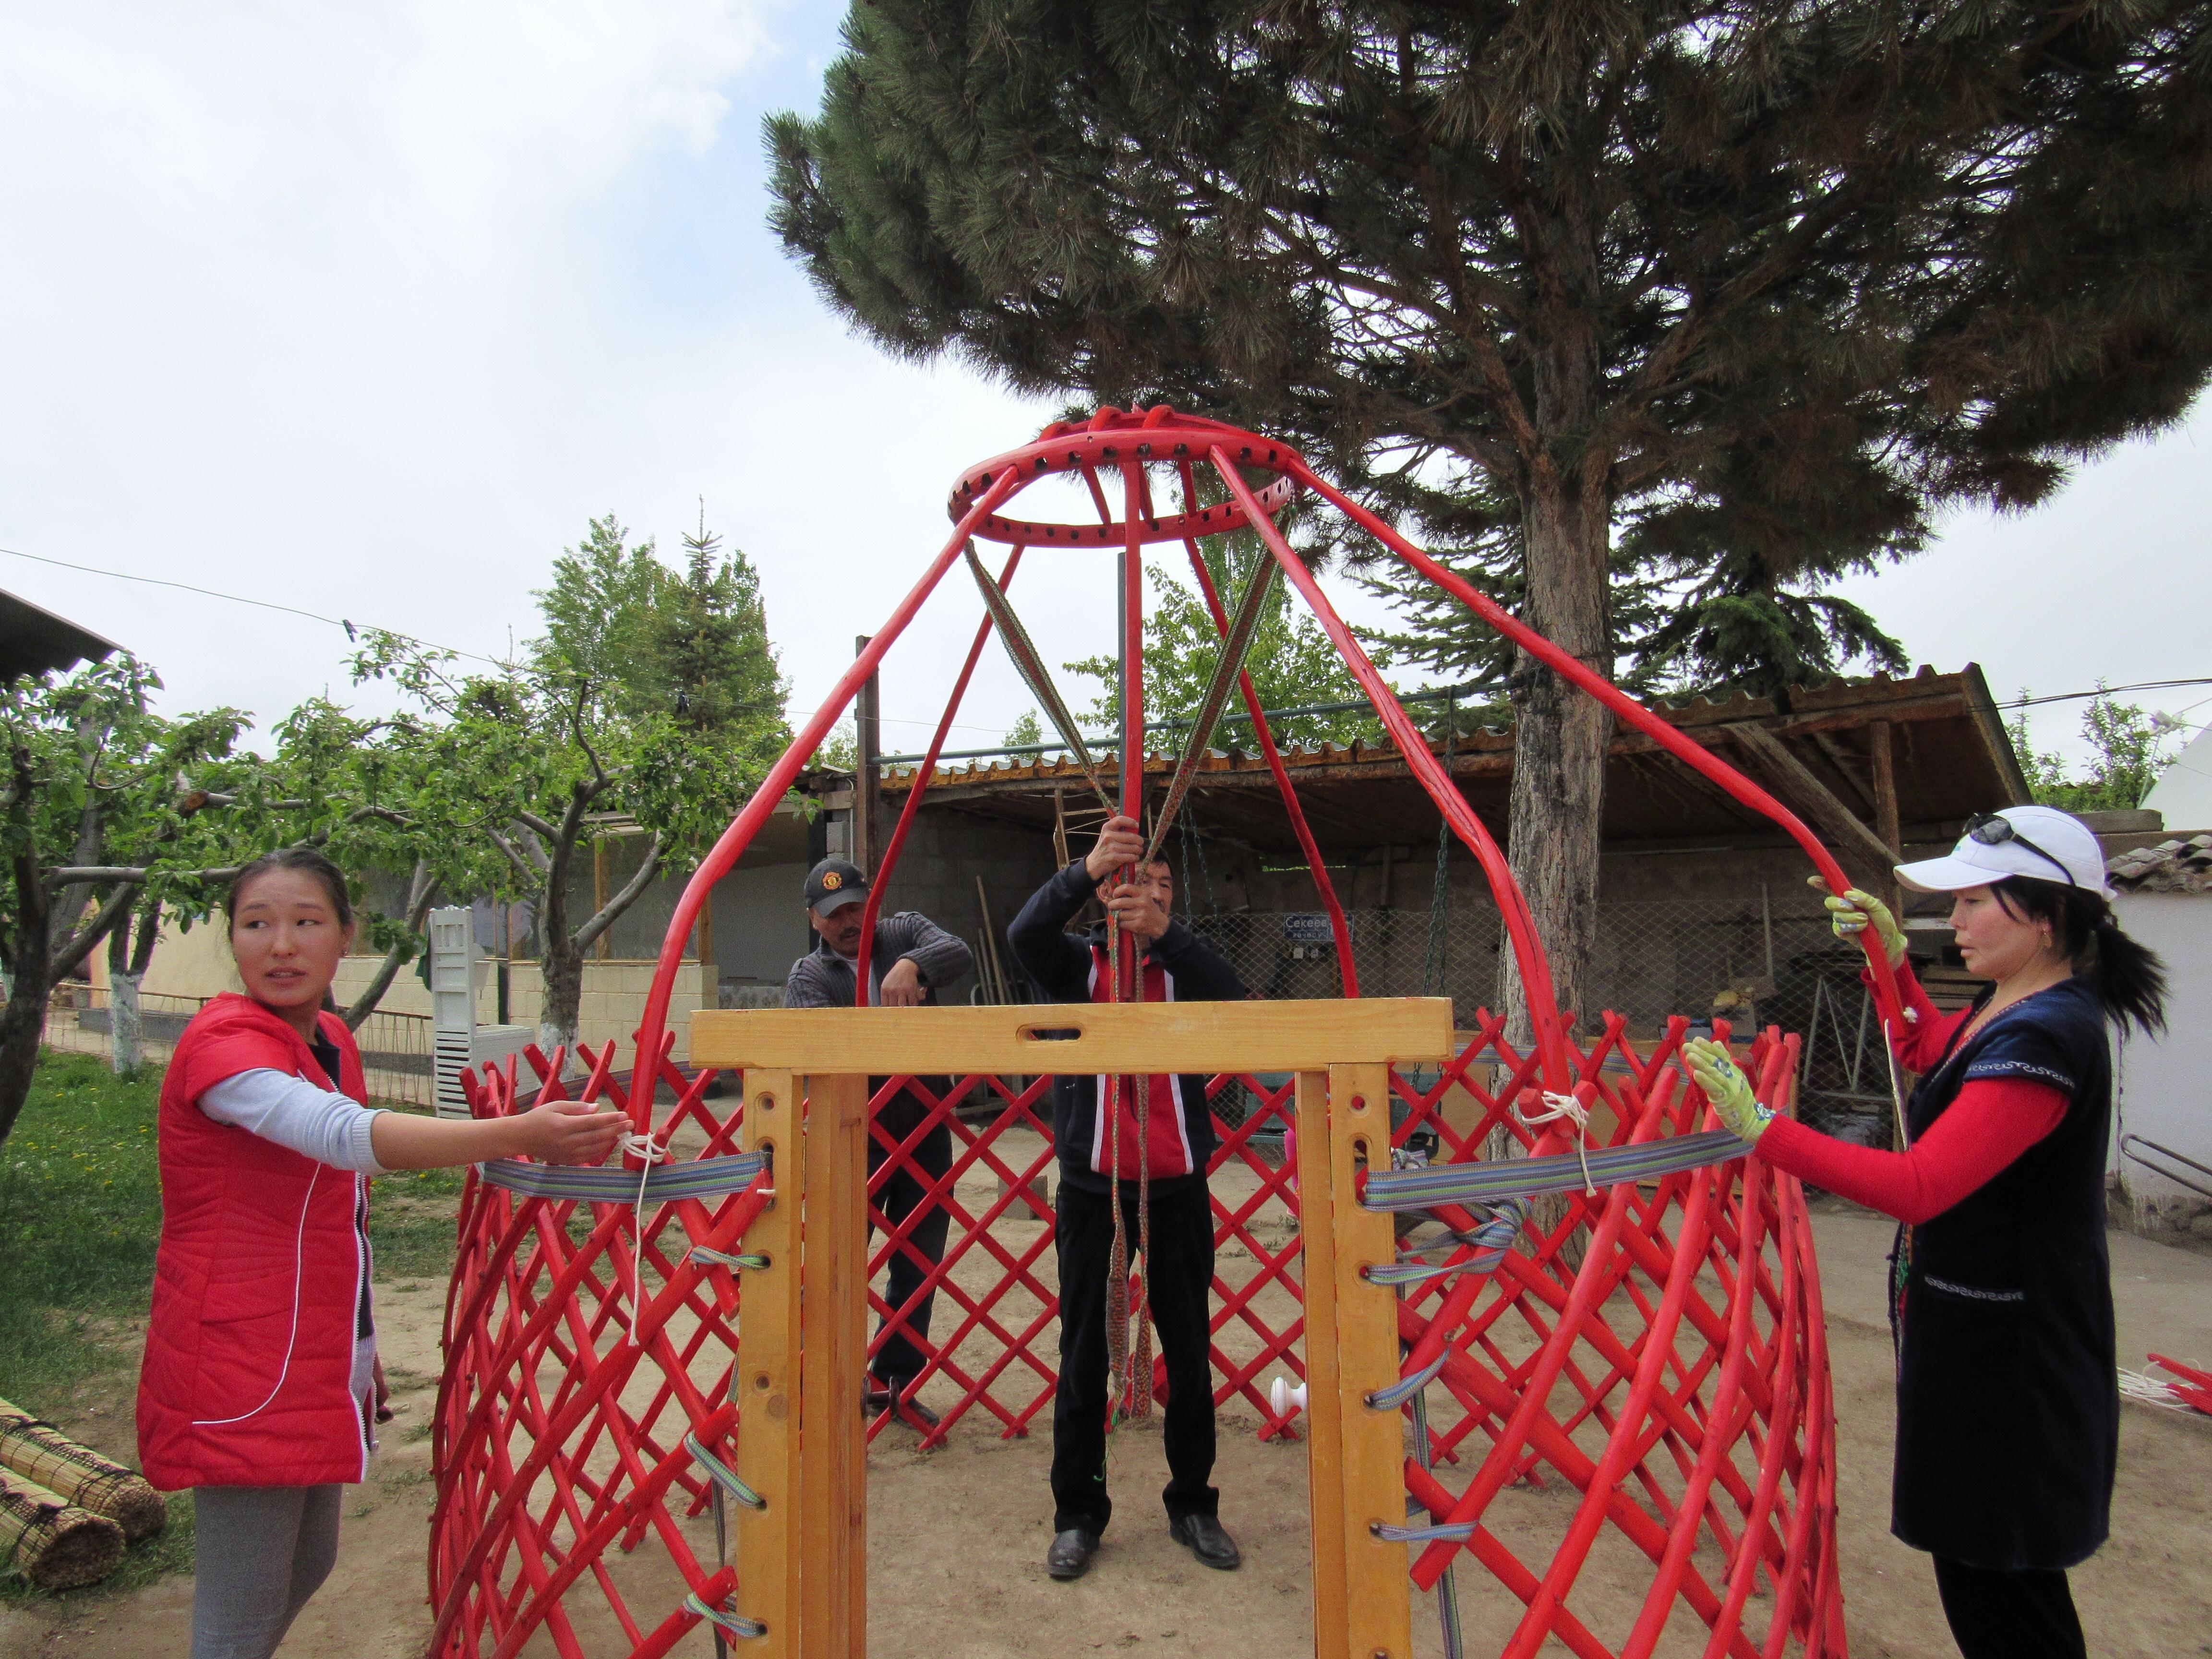 Assembling a yurt